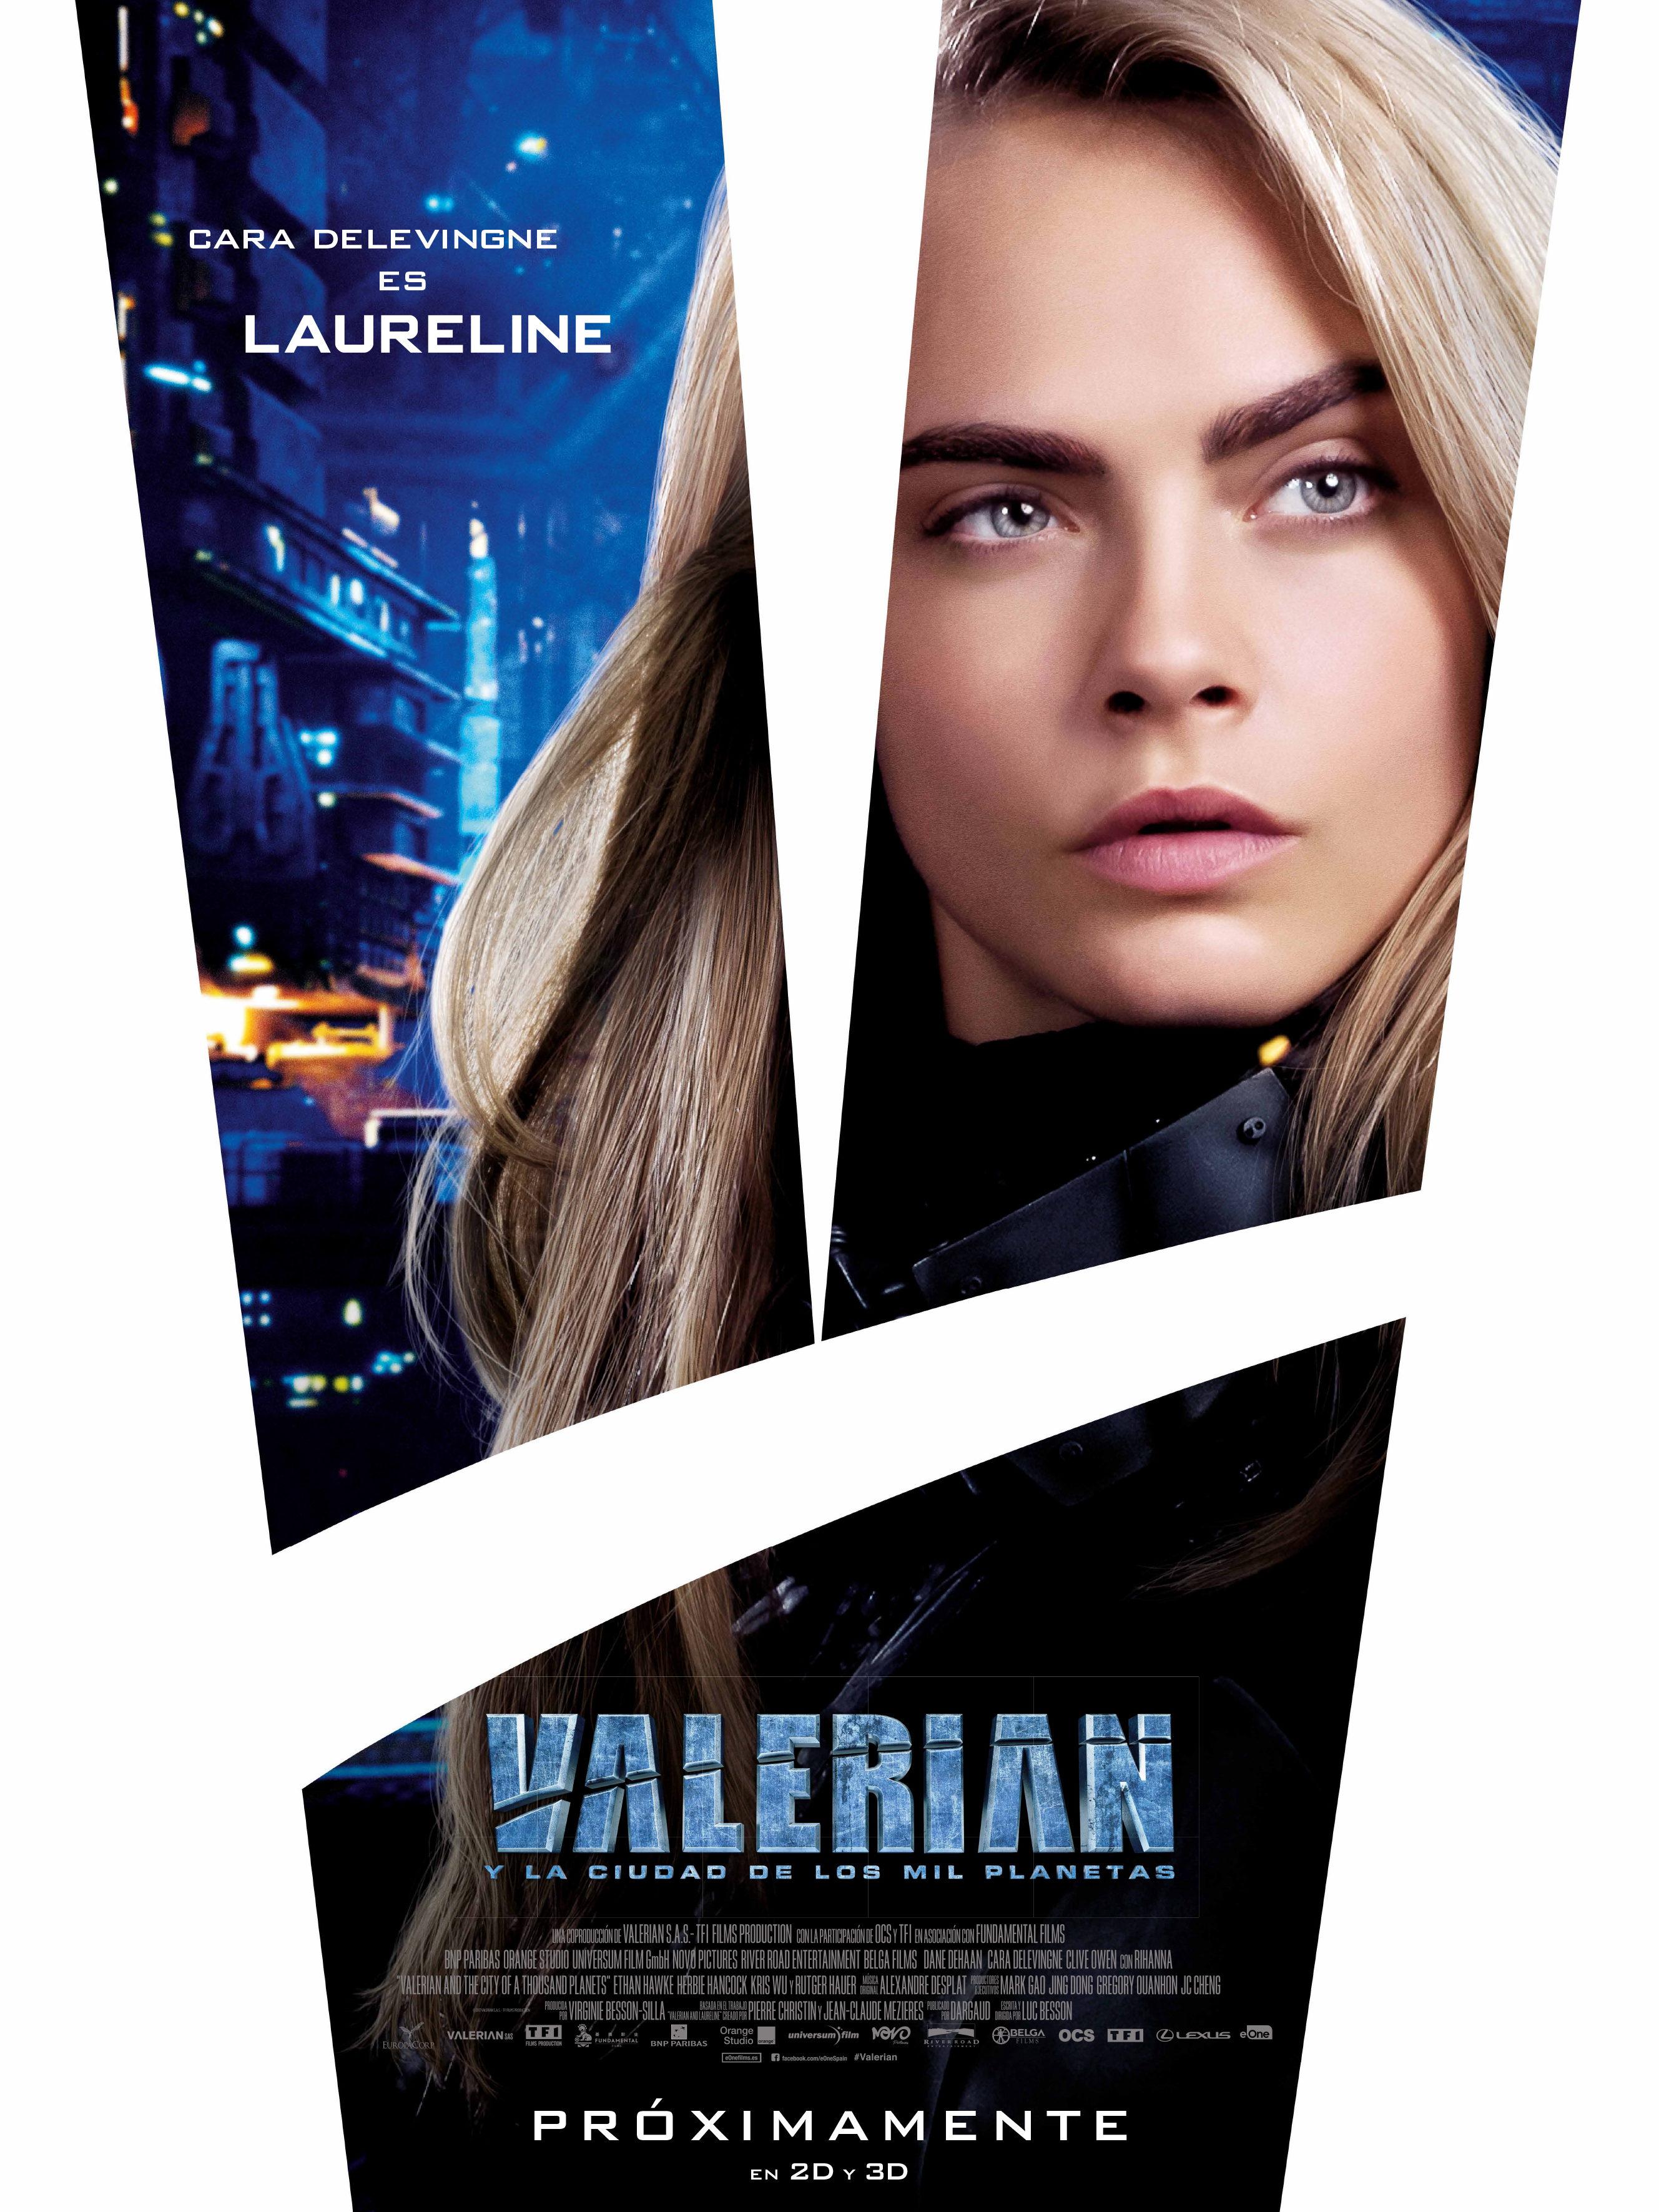 Cara Delevingne como Laureline